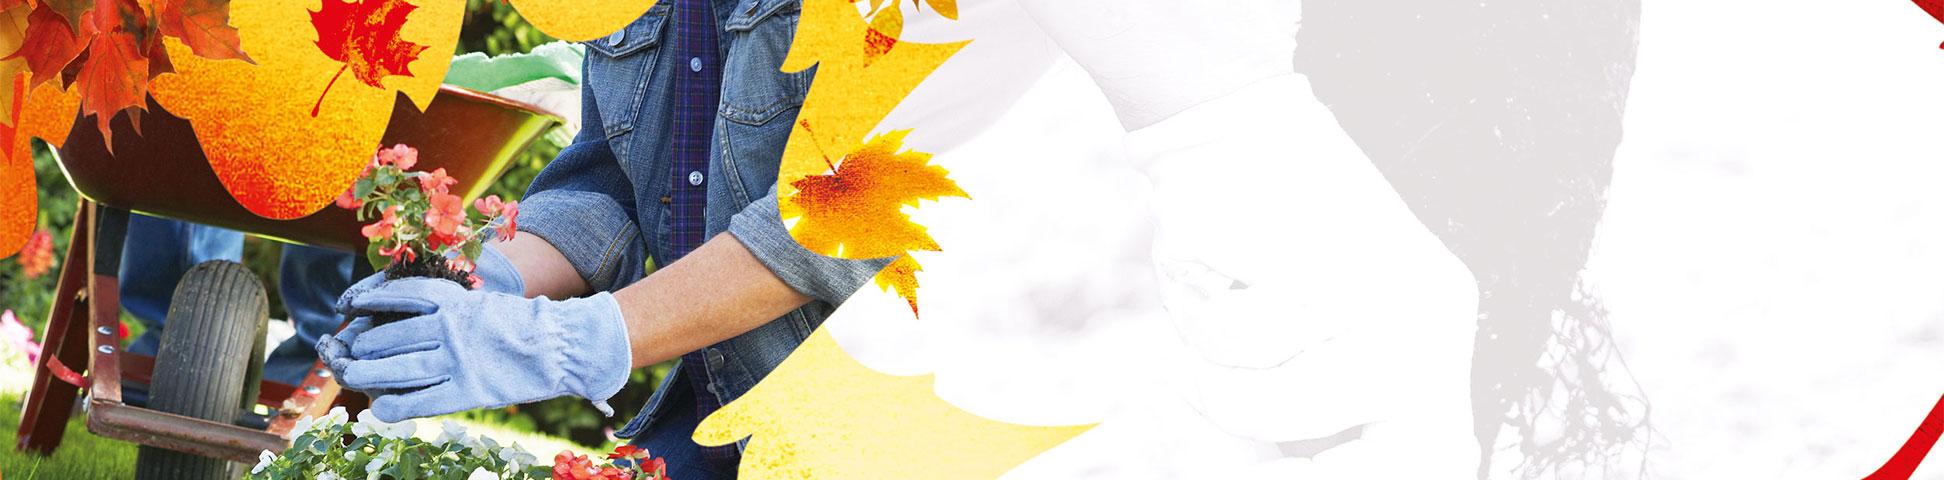 jesenja-sadnja